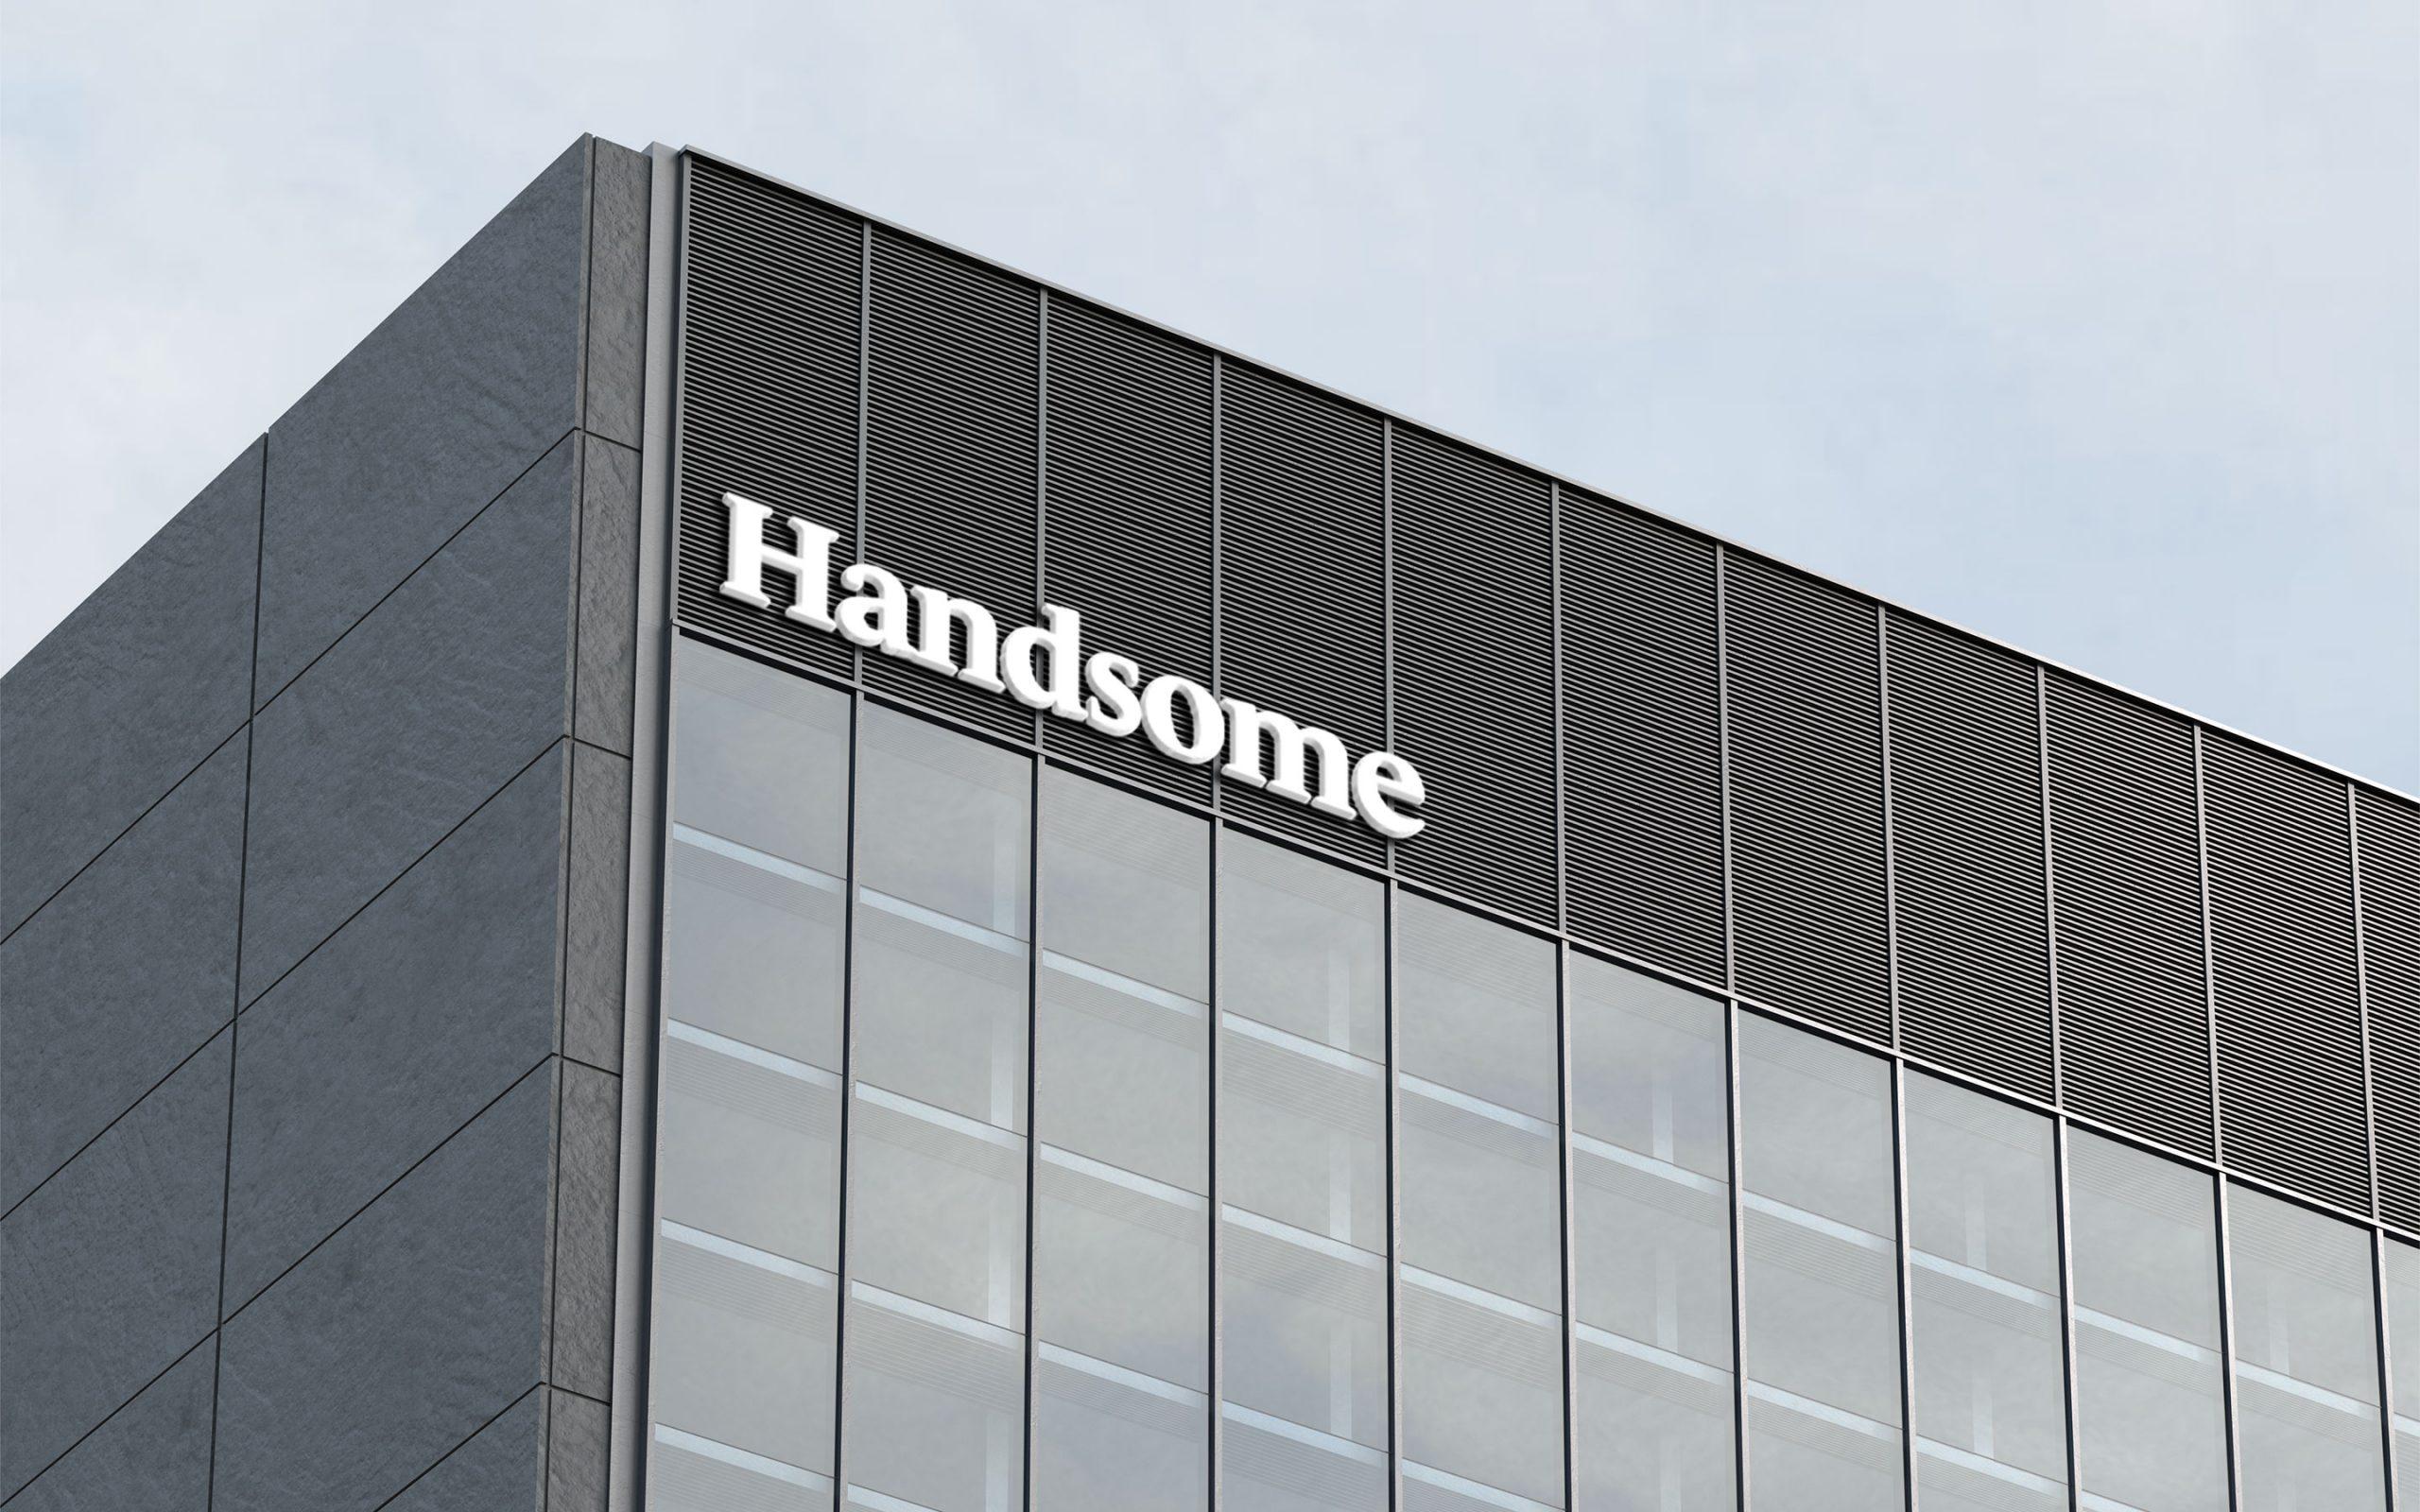 Vedros_Handsome_BuildingSign